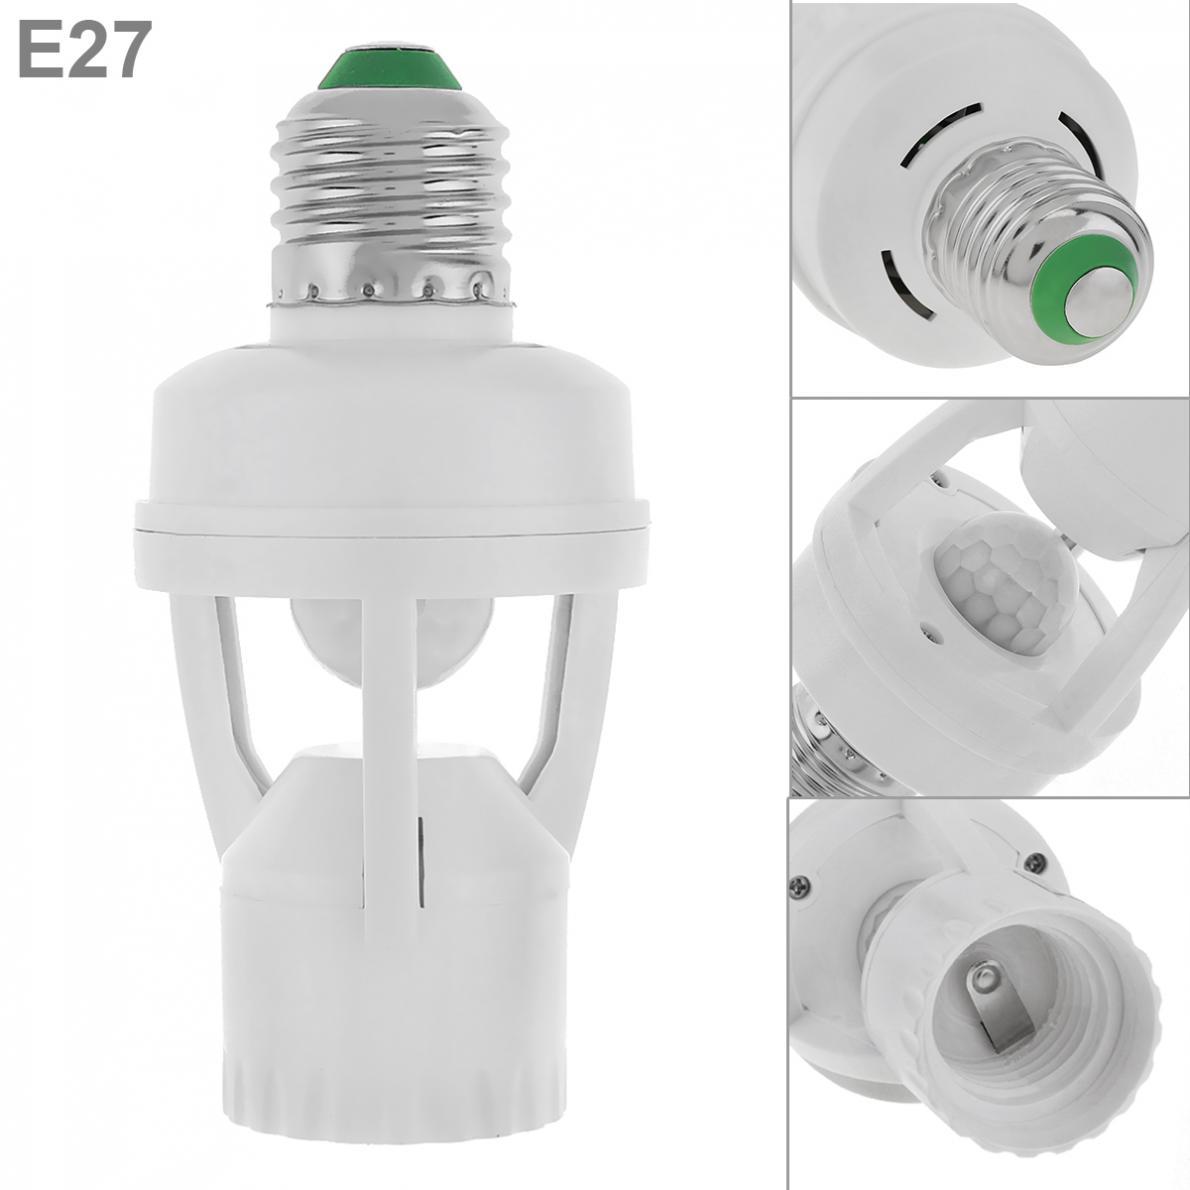 E27 LED Lamp Bulb Holder Light Socket Switch Infrared PIR Motion Sensor 110-240V